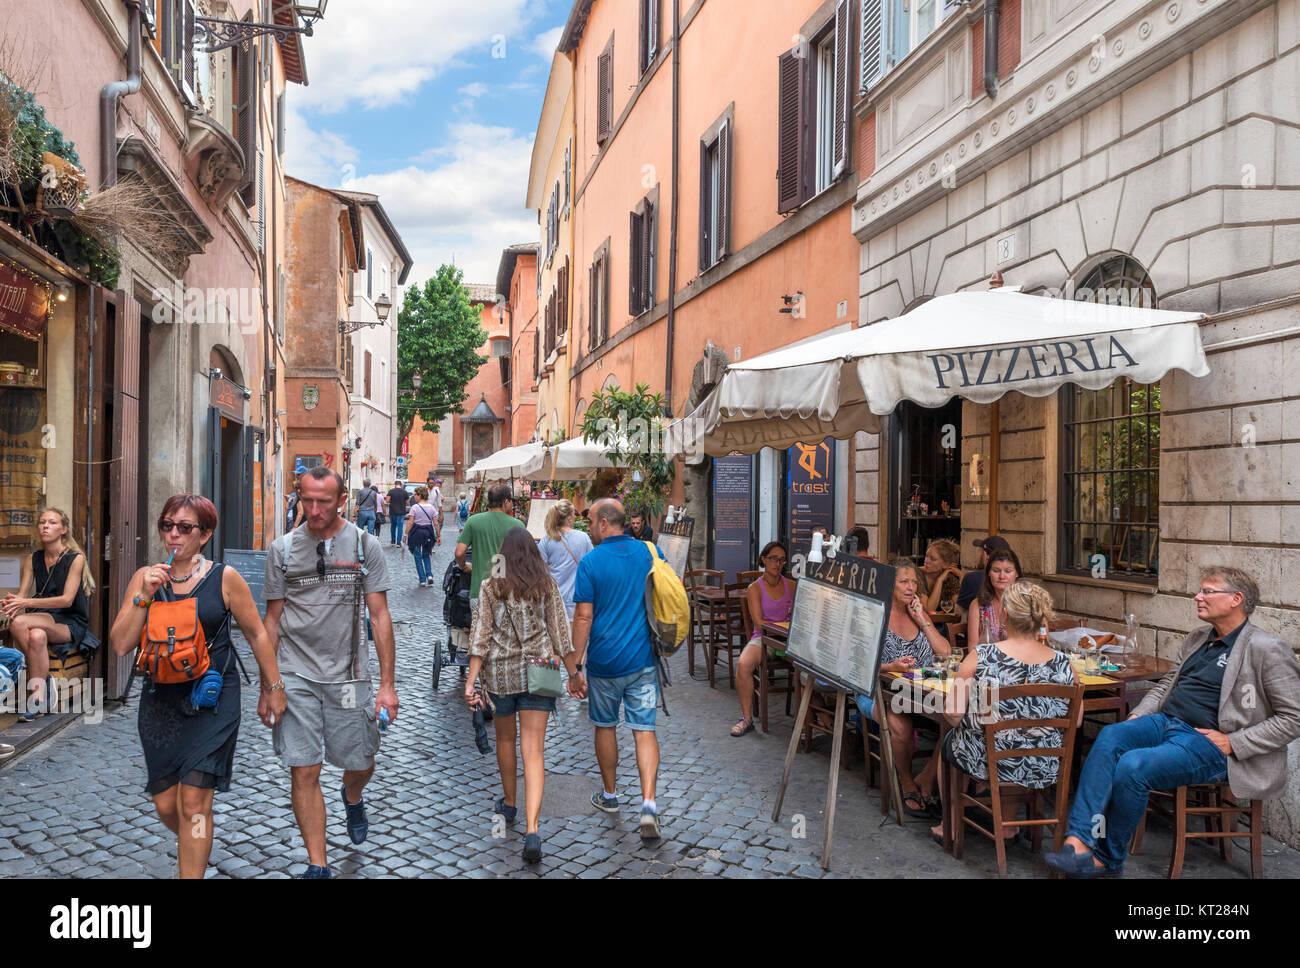 Sidewalk Cafe und Restaurant auf der Via della Scala, Trastevere, Rom, Italien Stockbild